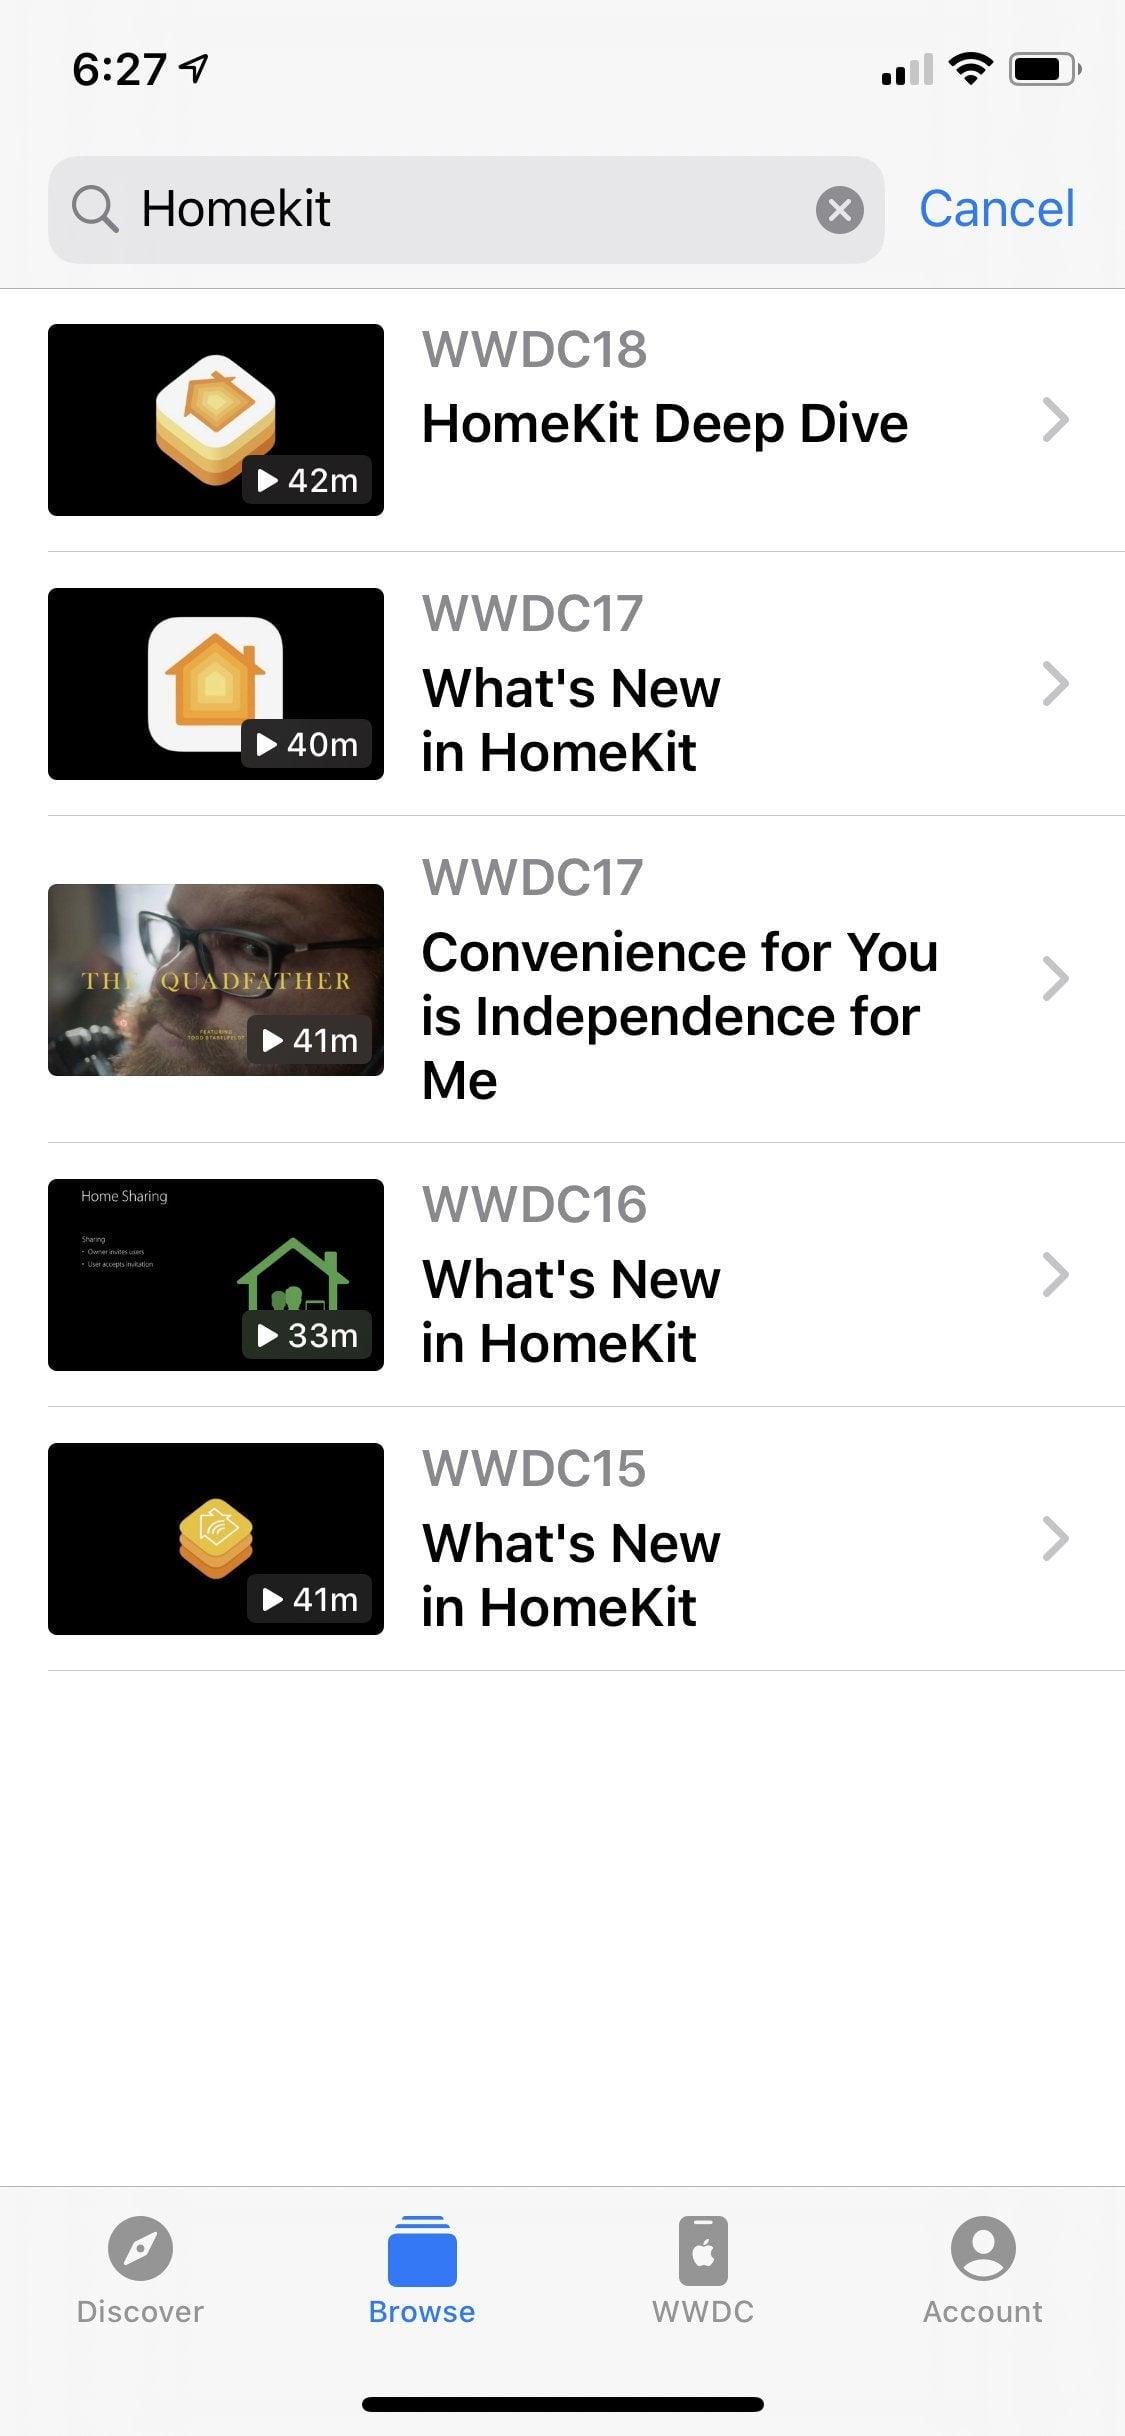 The application developer sought for Homekit